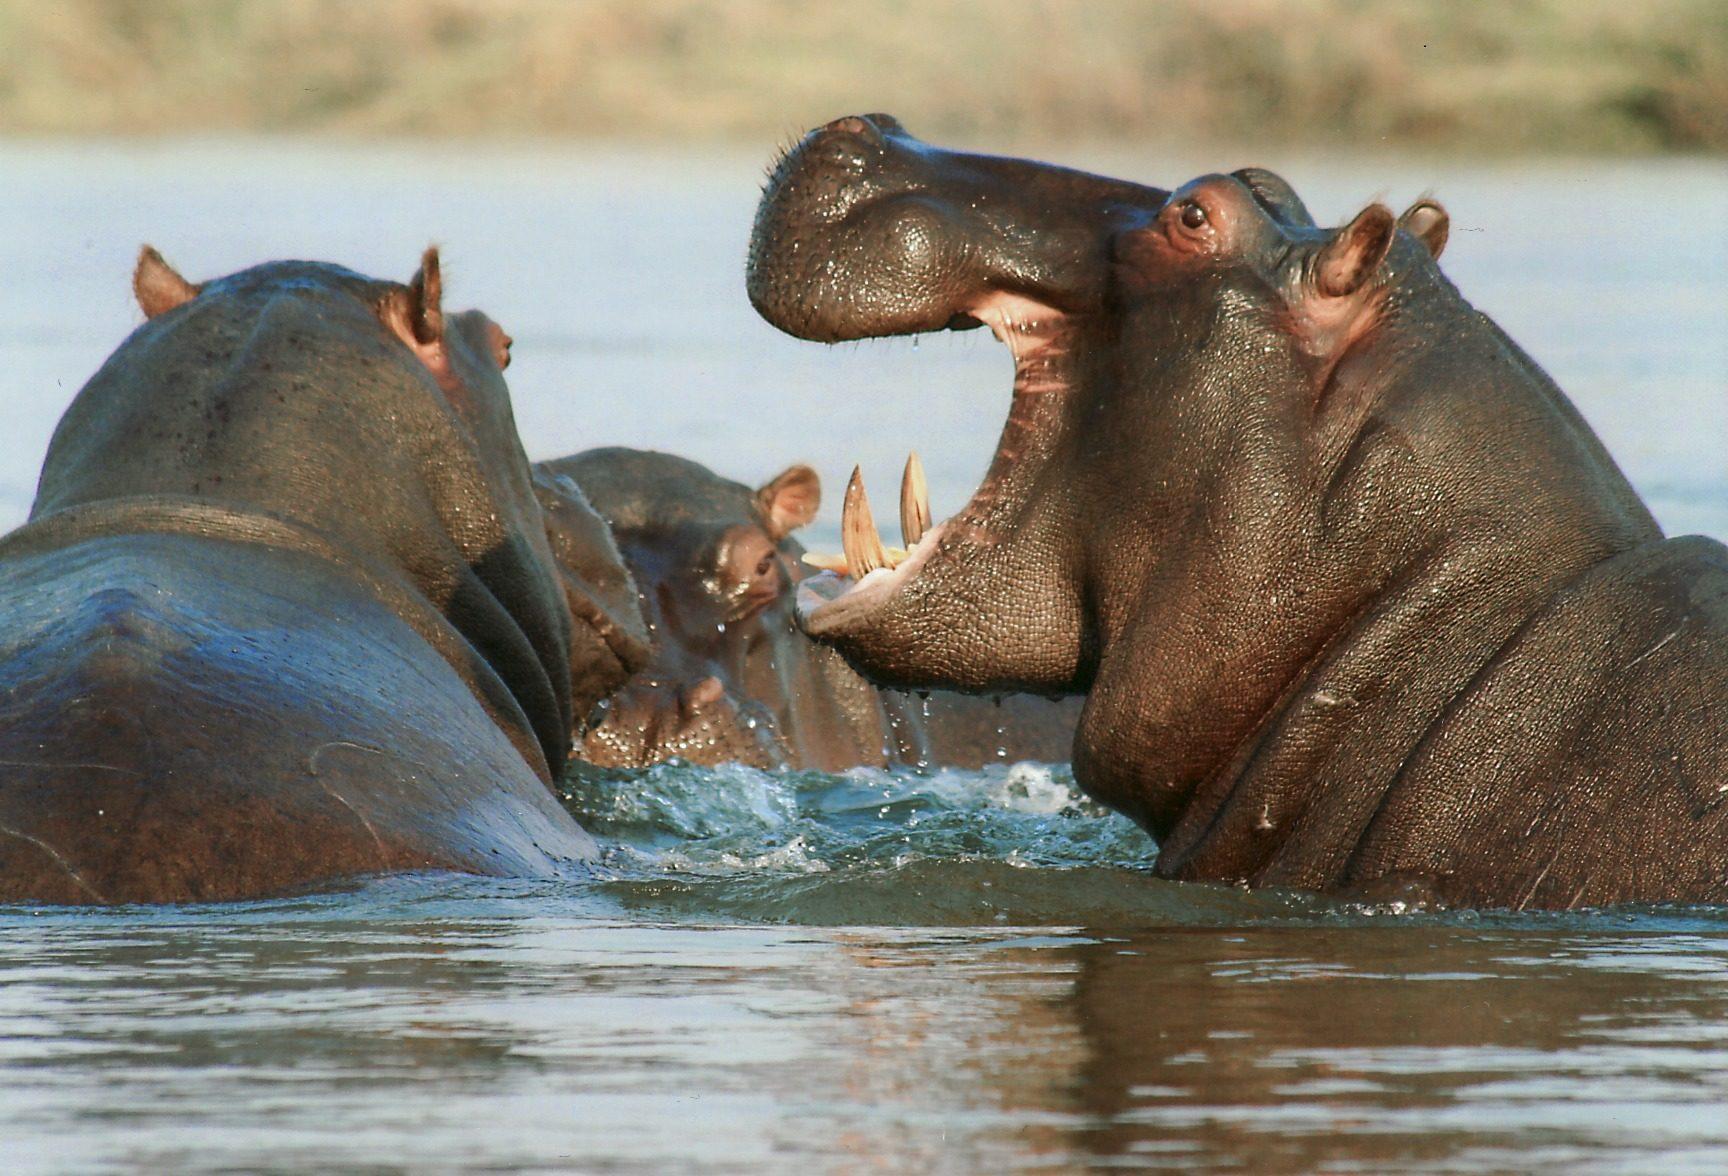 hipopótamos, dentes, Rio, Namíbia, áfrica - Papéis de parede HD - Professor-falken.com